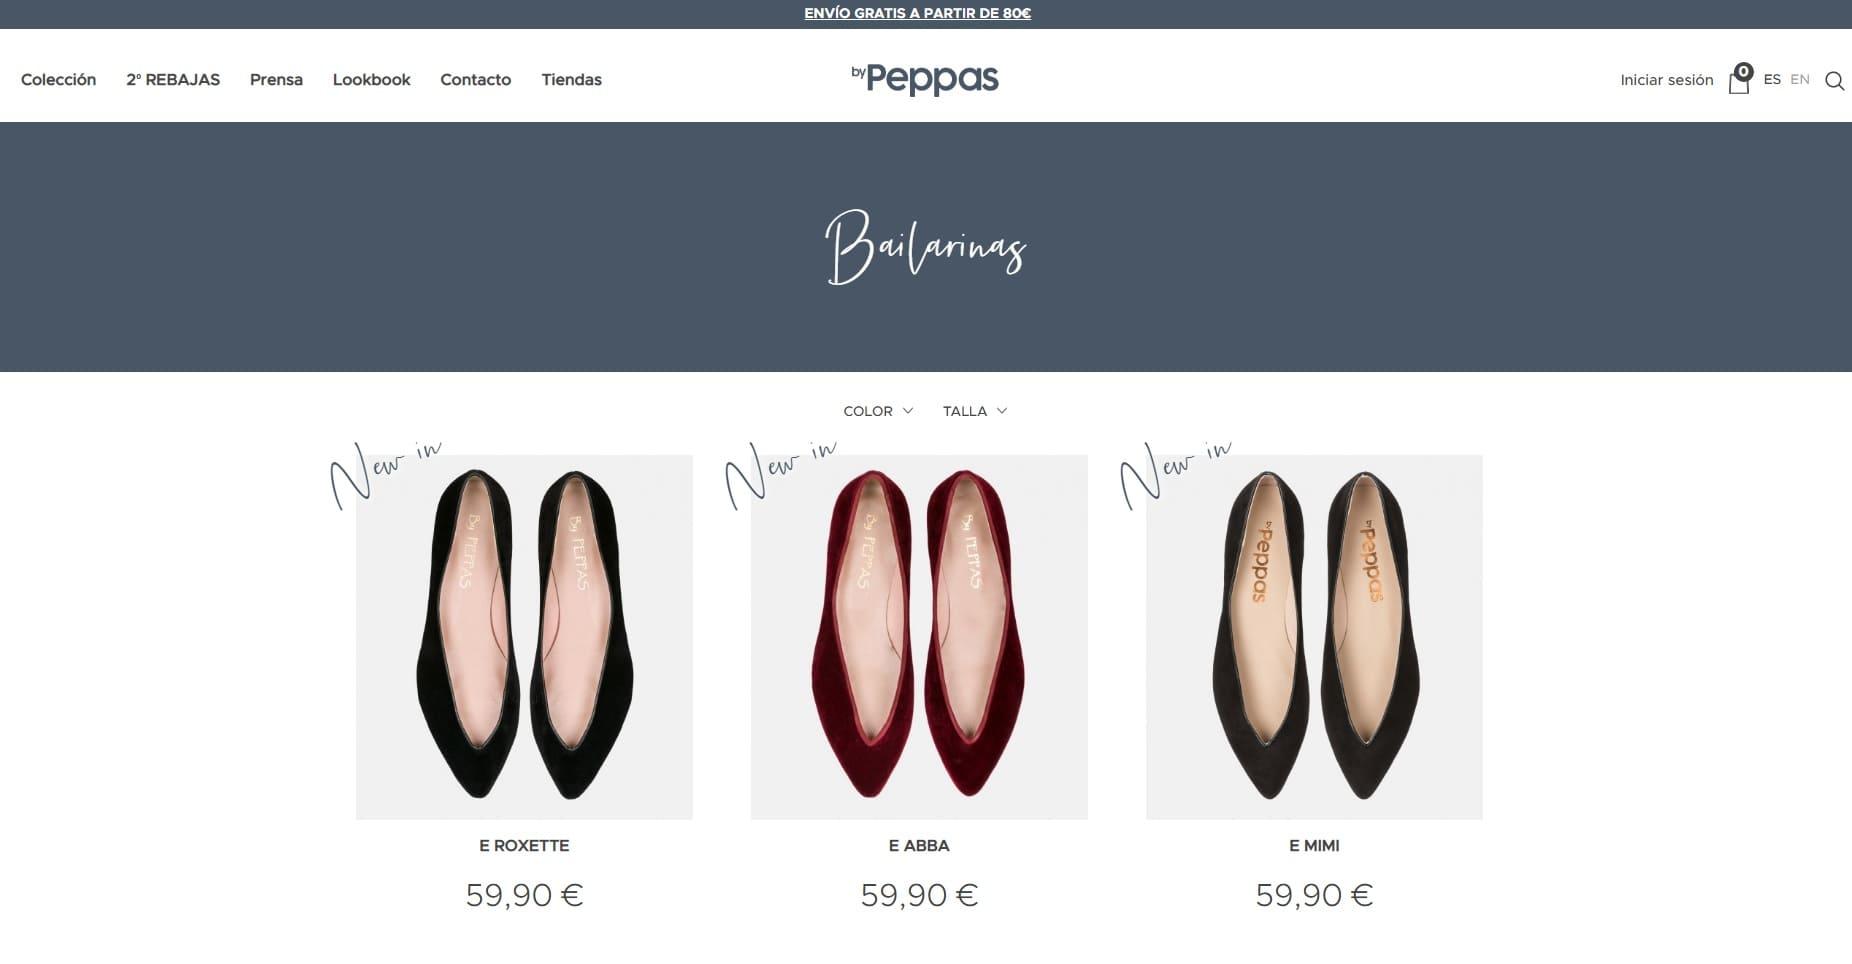 marcas-de-bailarinas-espanolas-byPeppas-tienda